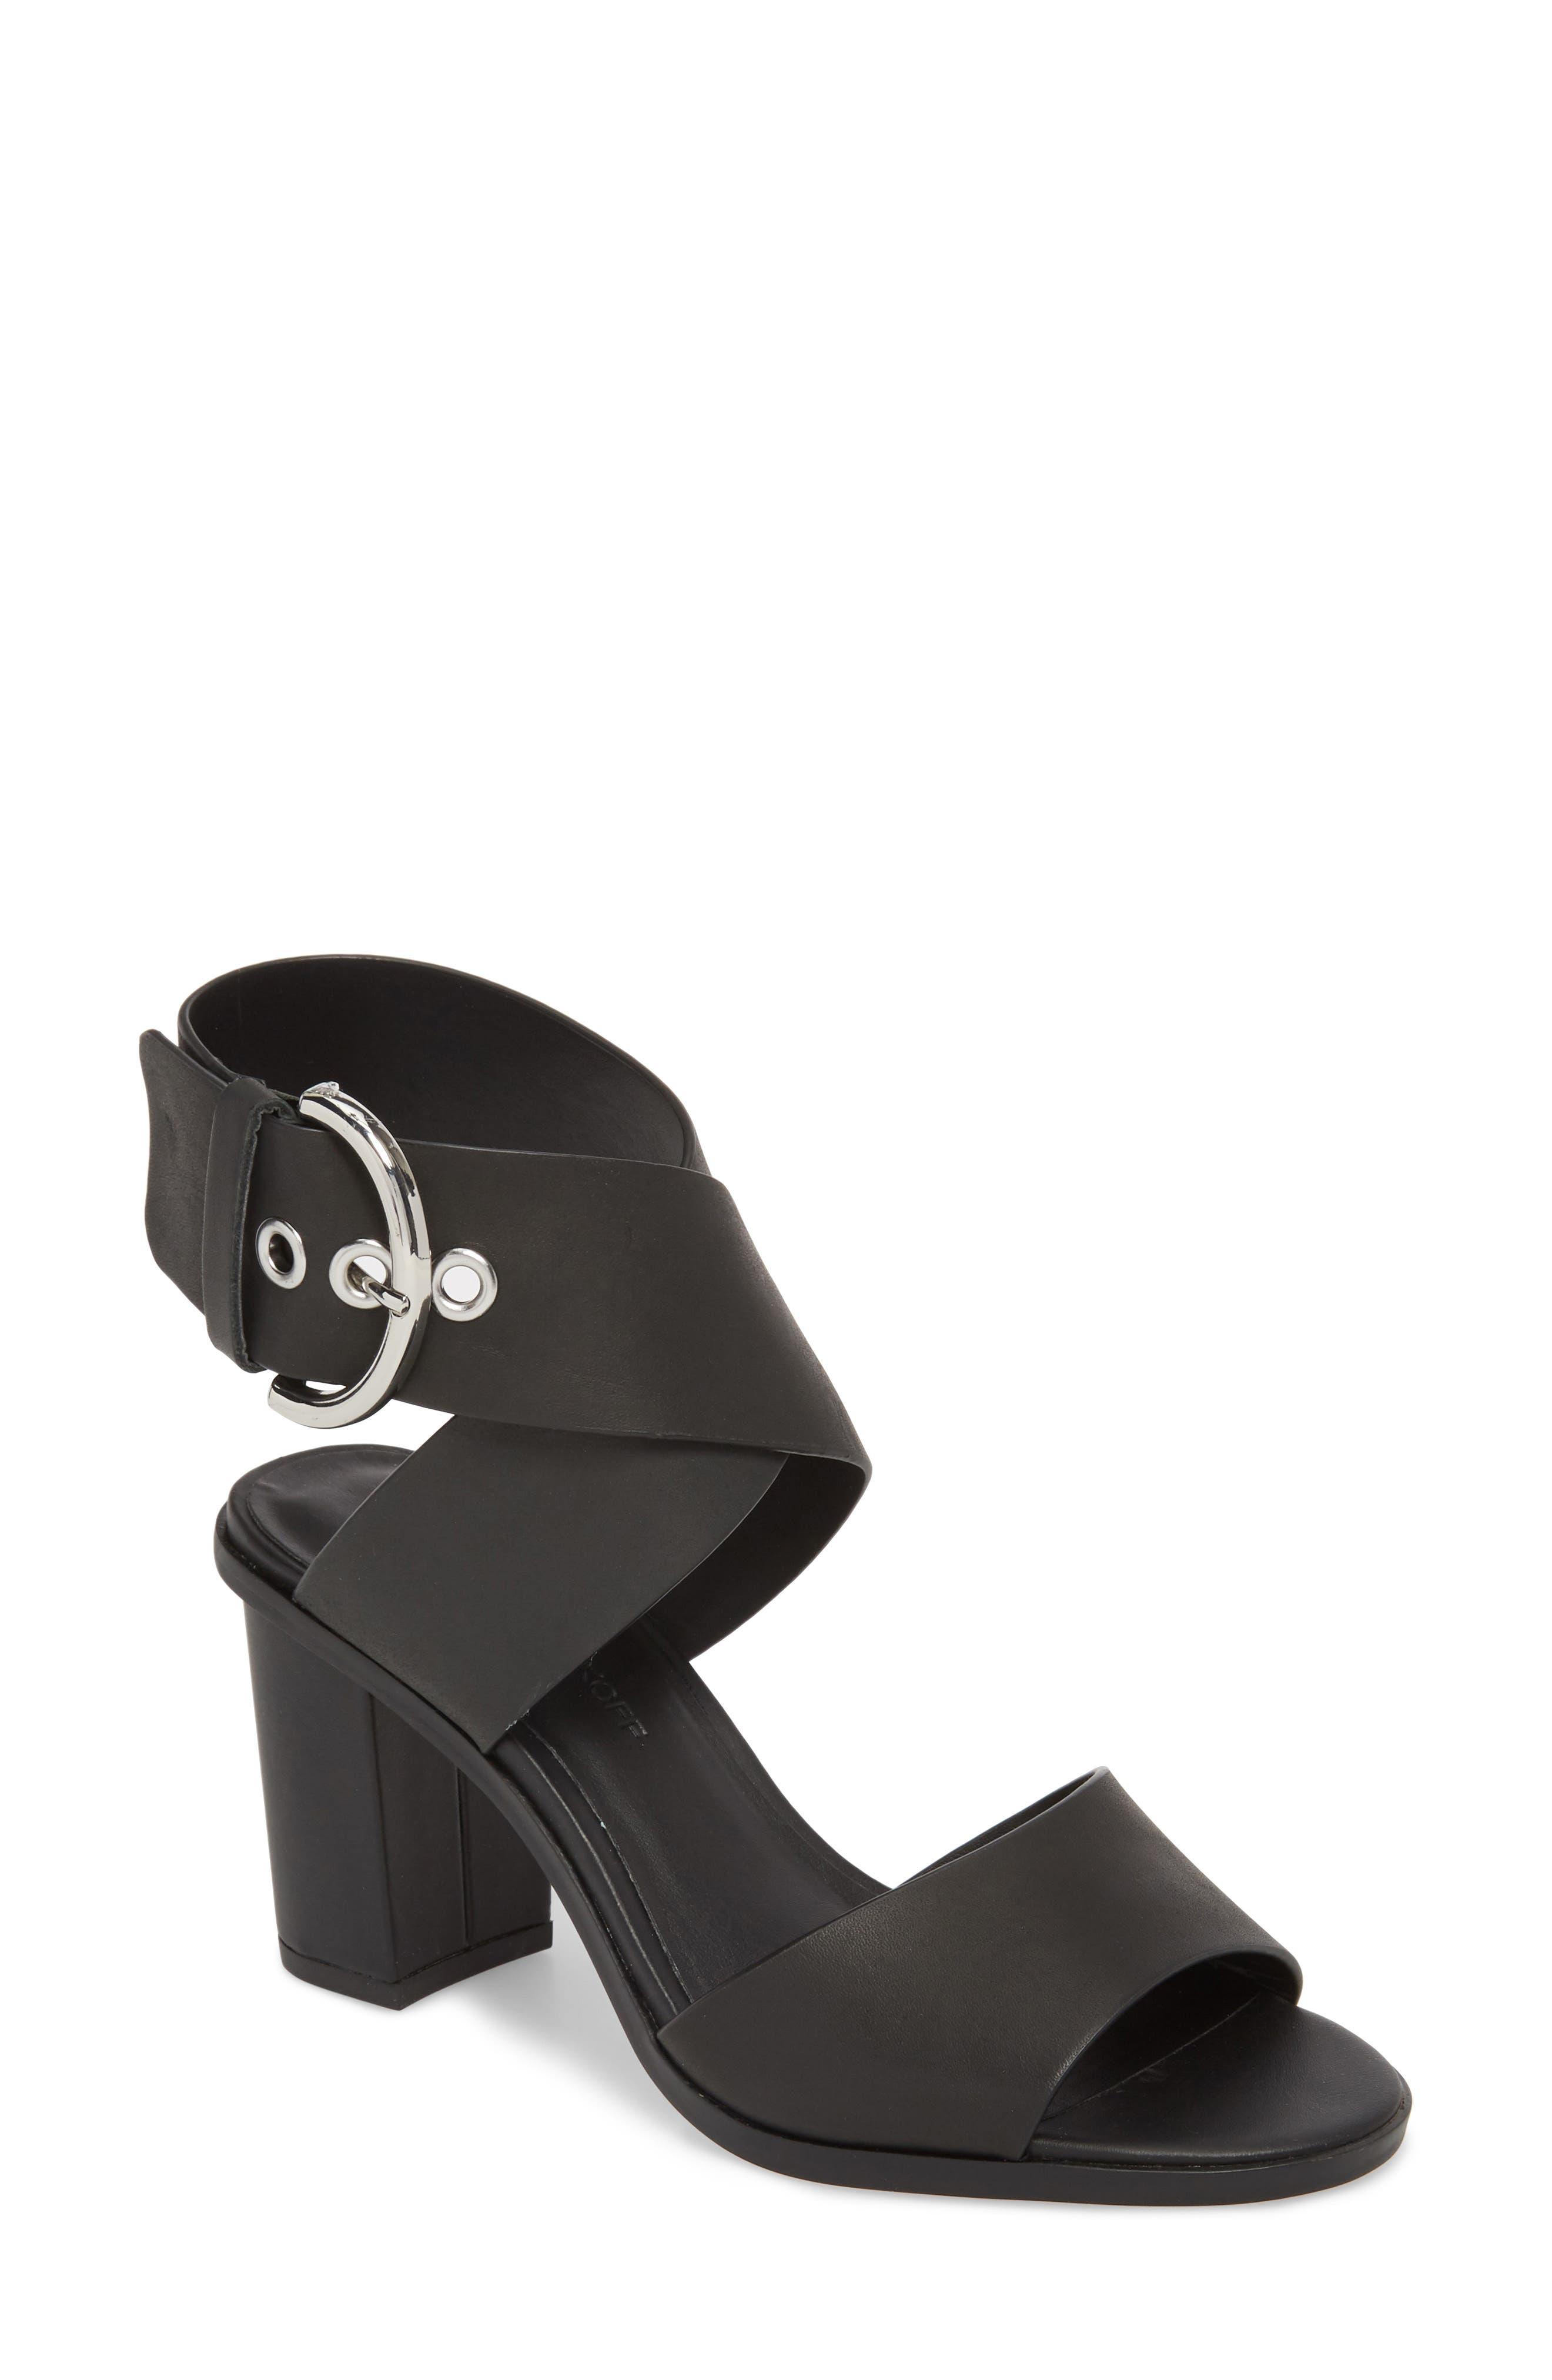 Valaree Sandal,                             Main thumbnail 1, color,                             Black Leather